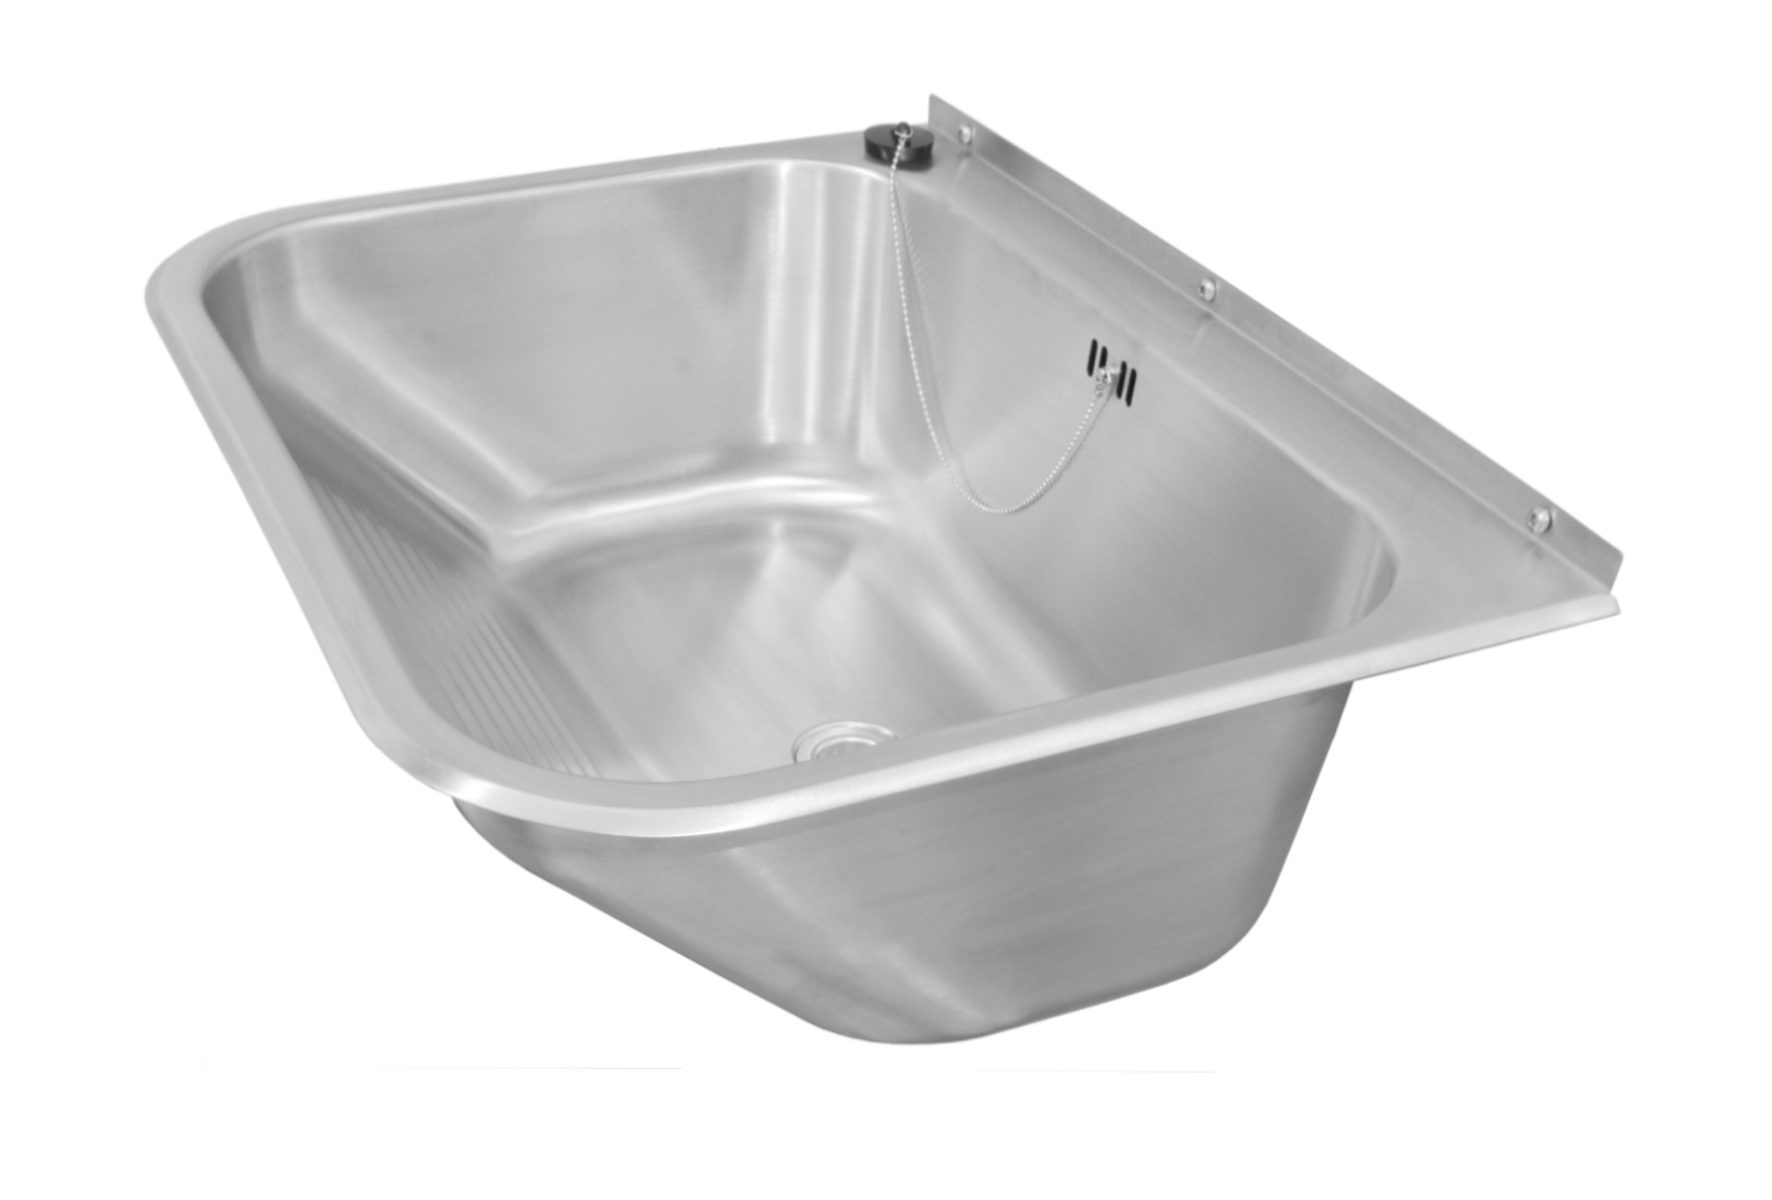 Waschtrog Edelstahl SOLID 650